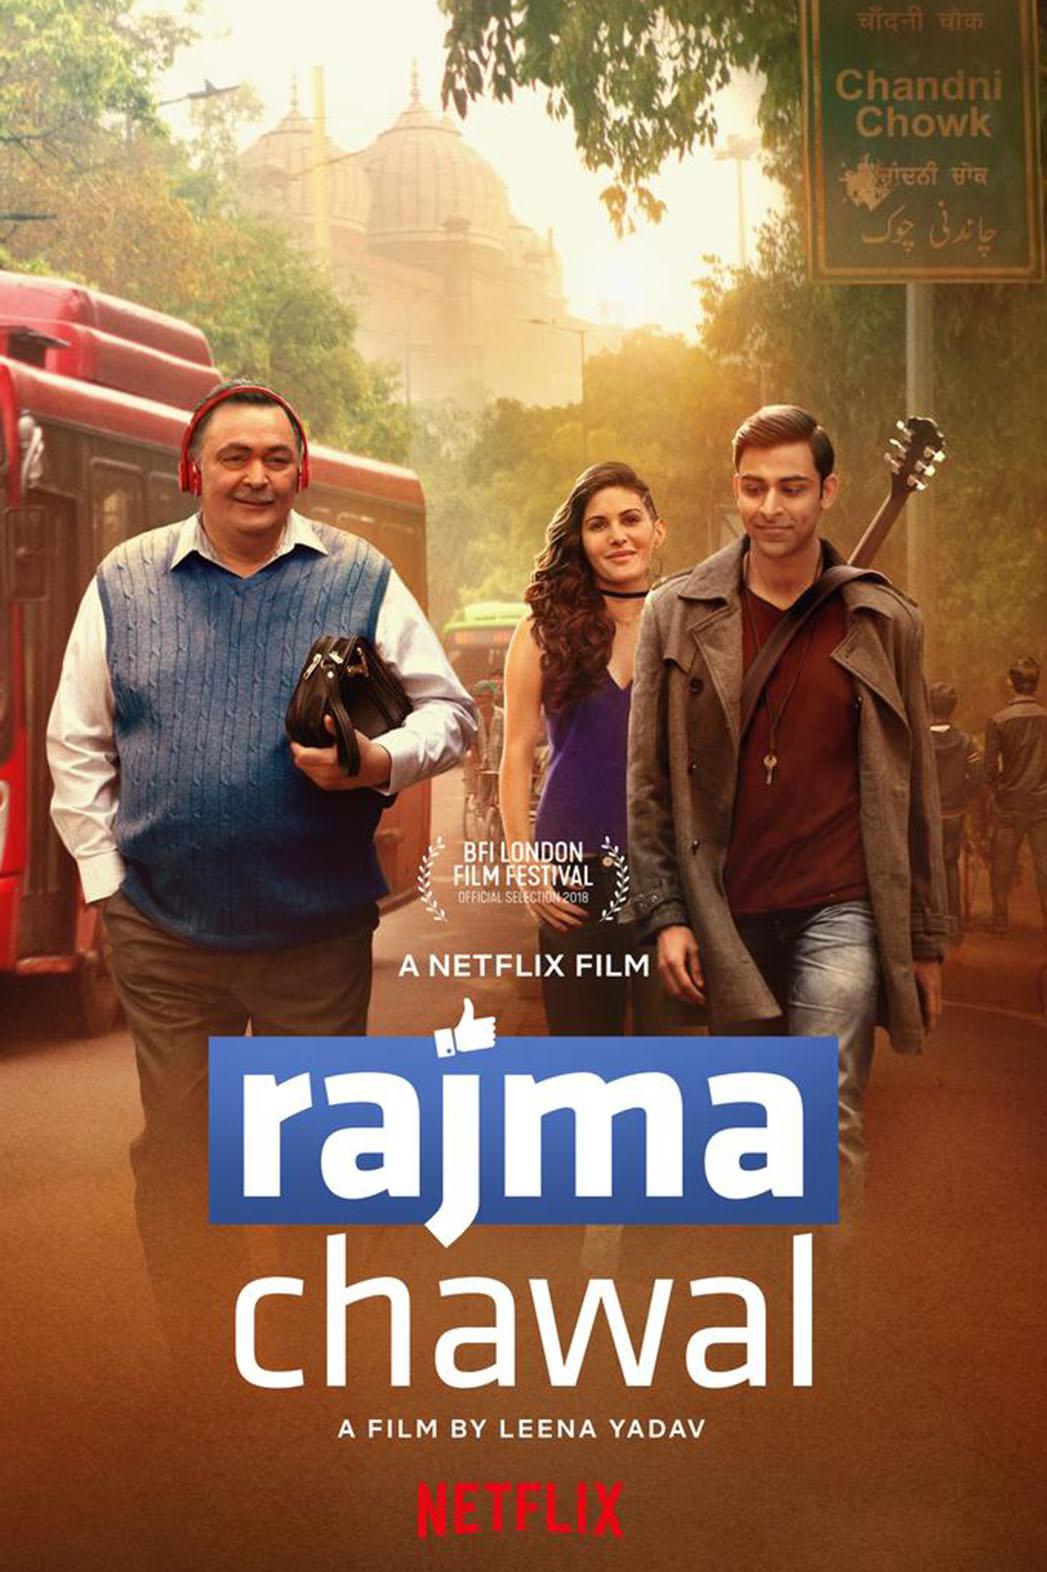 hd movies 2018 hindi free download